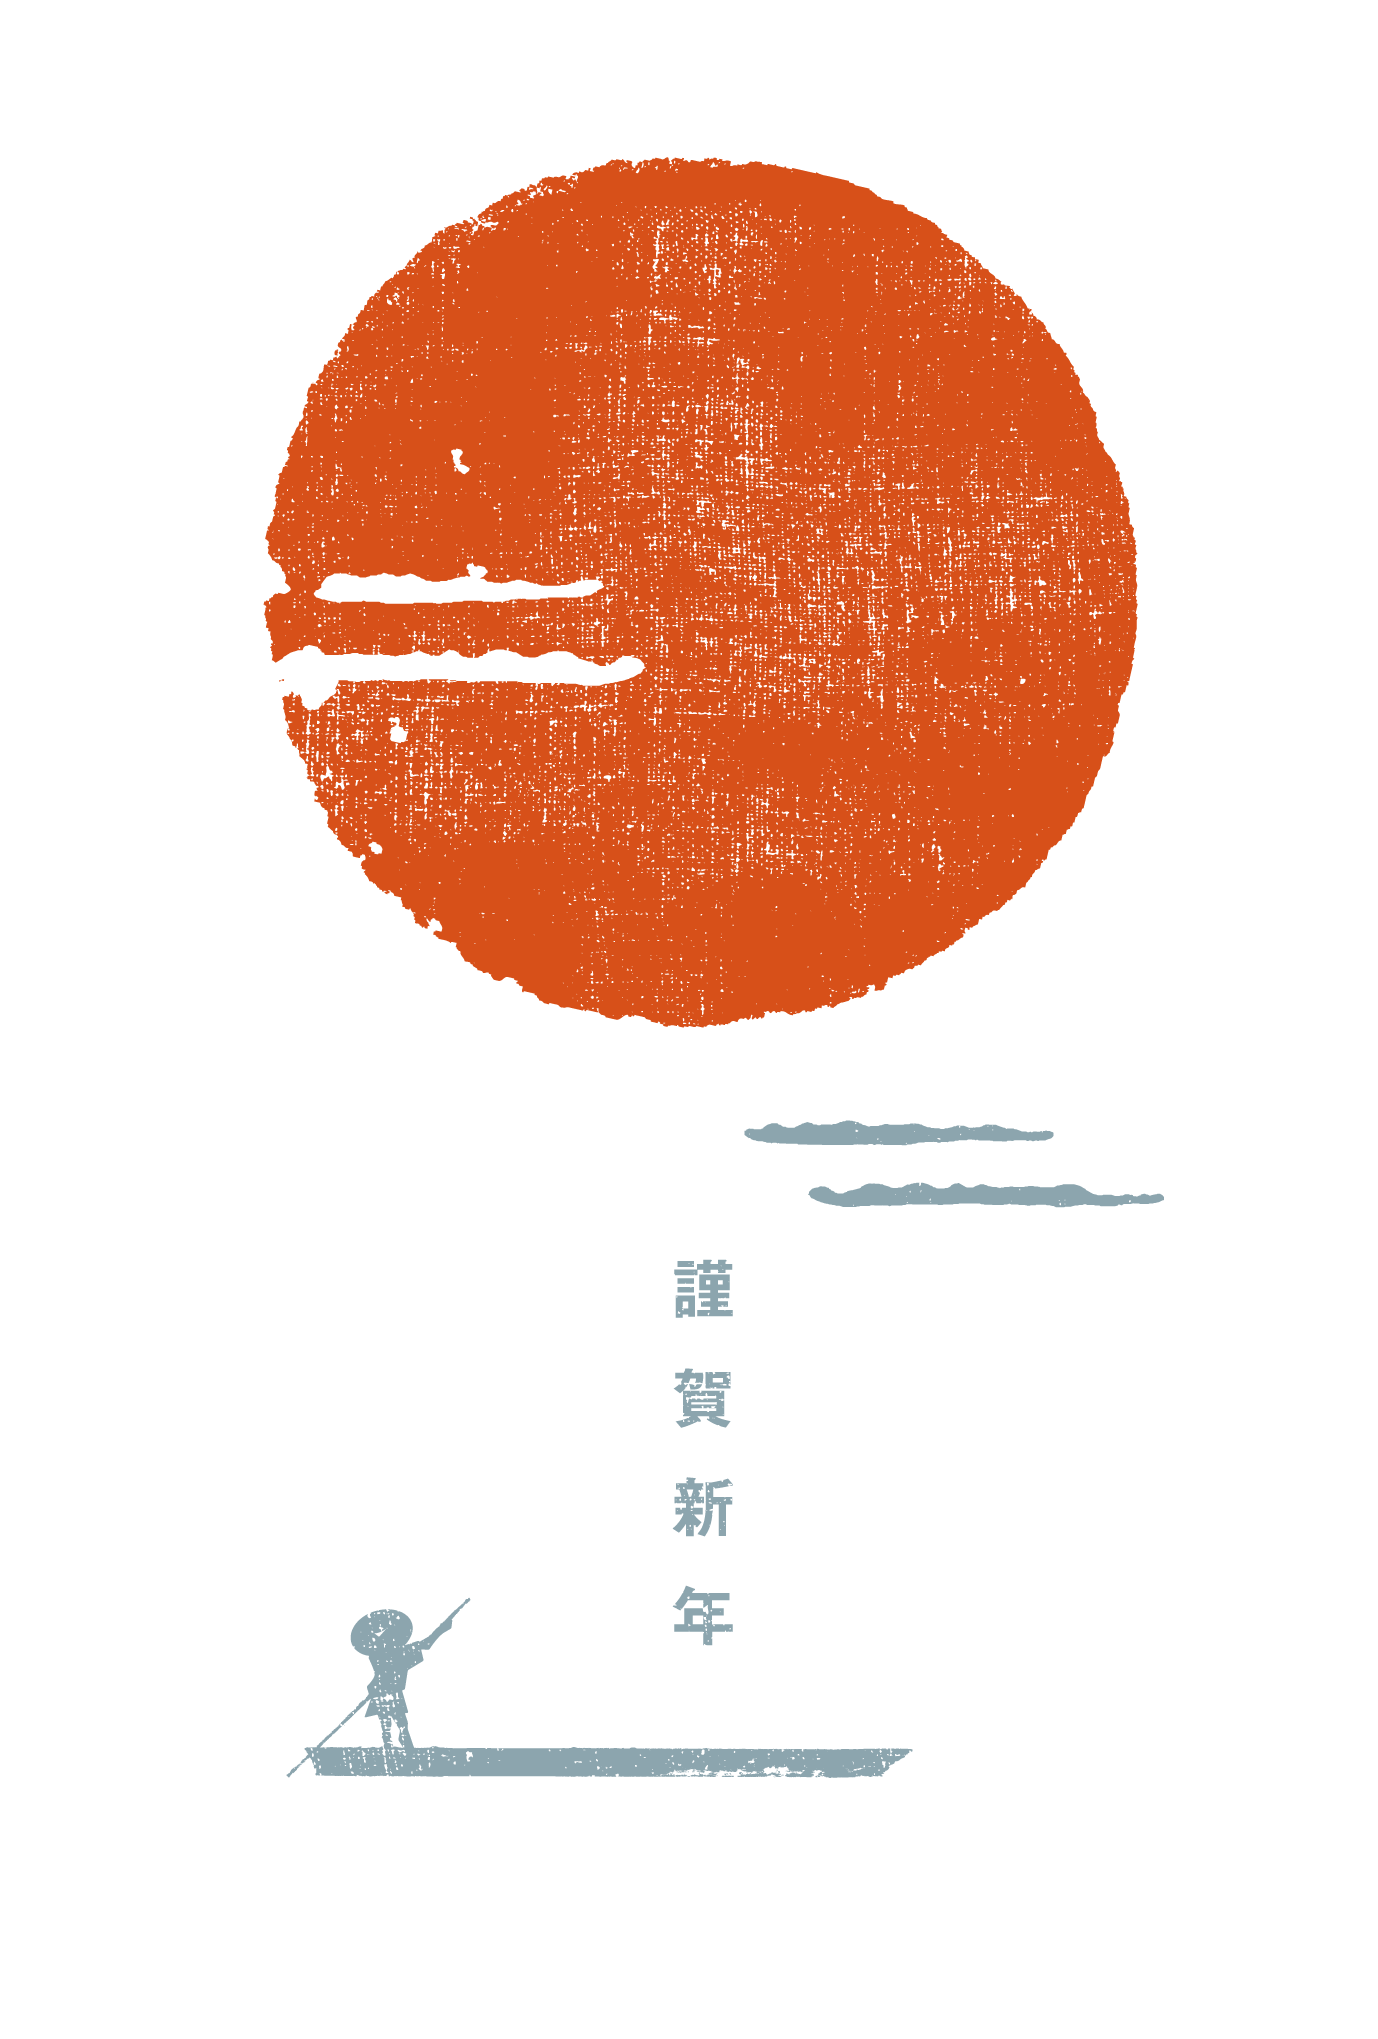 2021年賀状18-2:二〇二一の船頭 / 赤のダウンロード画像